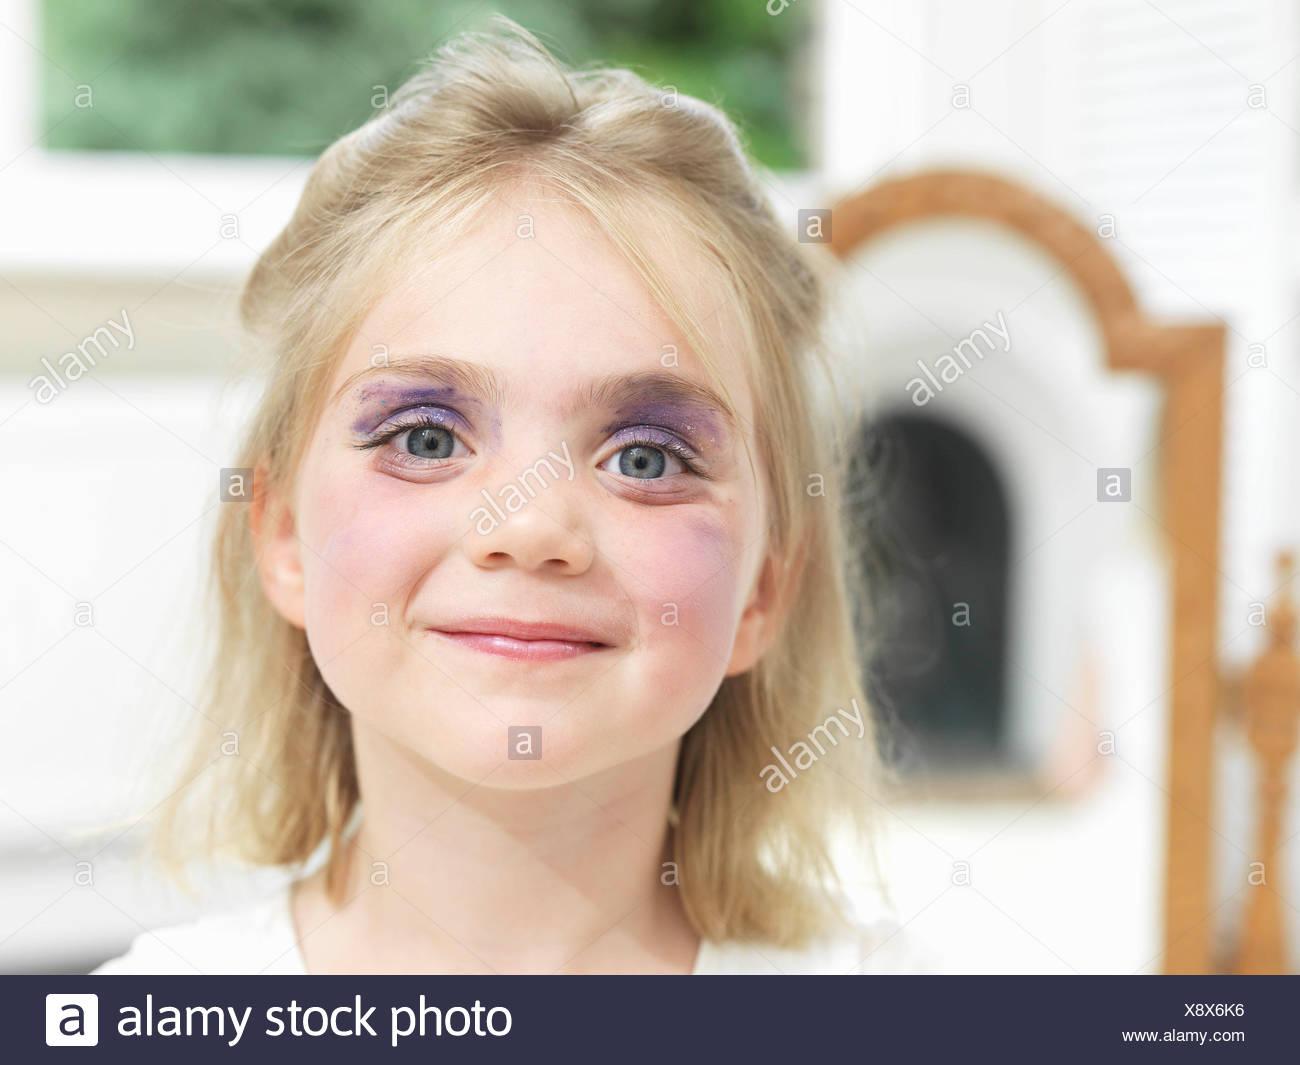 Ragazza di aver fatto proprio il make-up Immagini Stock